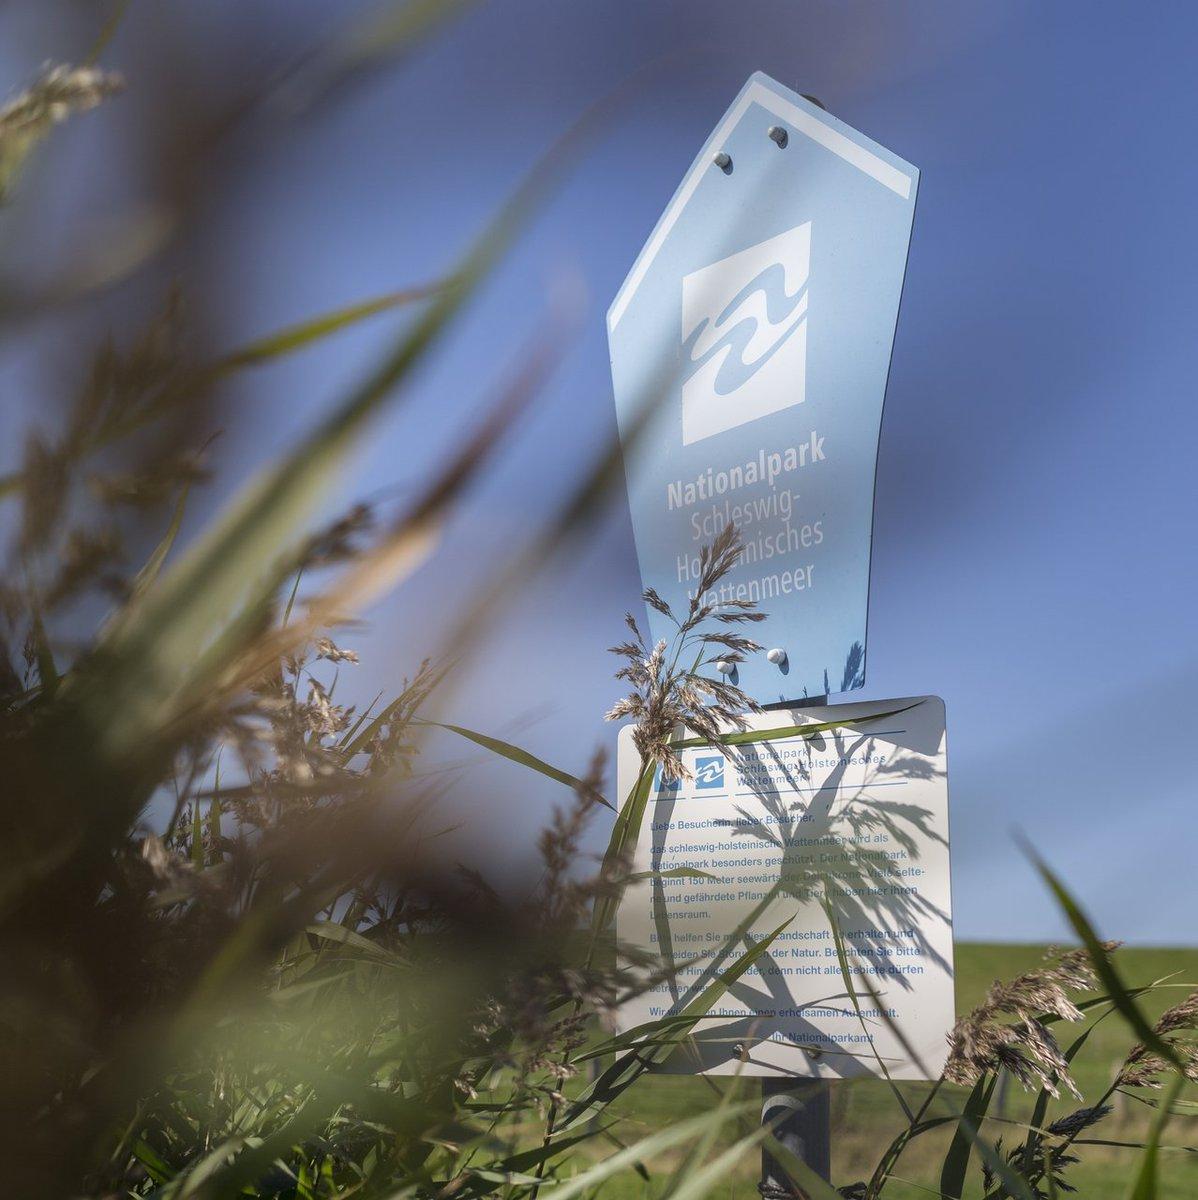 """""""Unser"""" Nationalpark Schleswig-Holsteinisches Wattenmeer ist der Größte zwischen dem Nordkap und Sizilien. https://t.co/jiXV0W8uN8"""